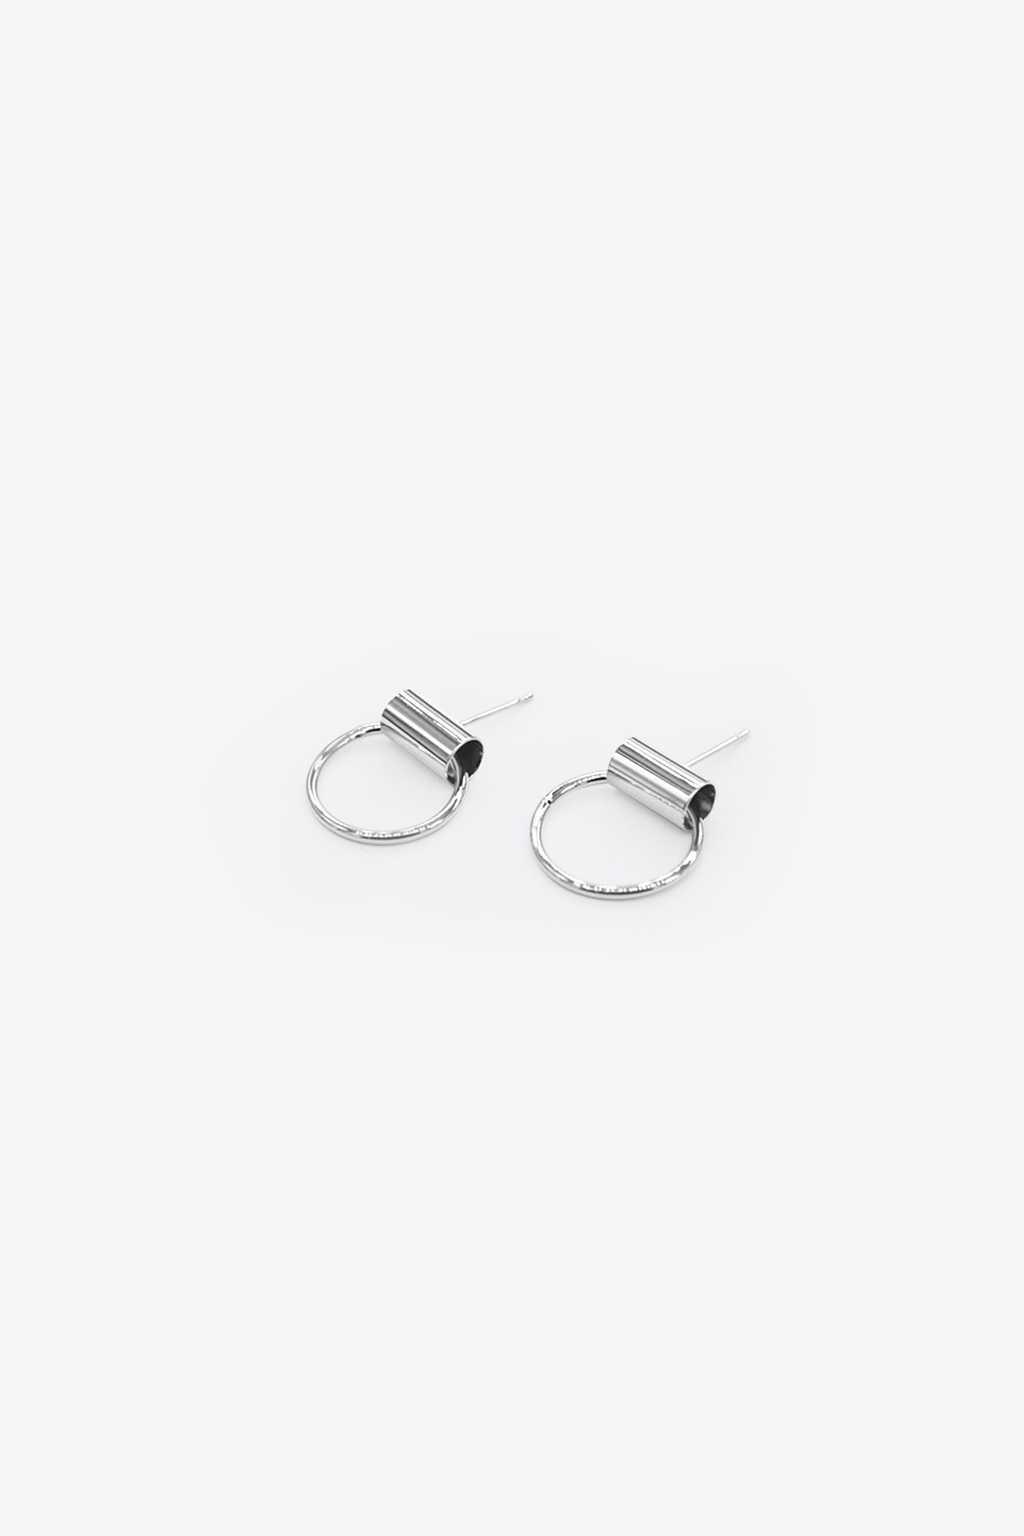 Earring H086 Silver 2